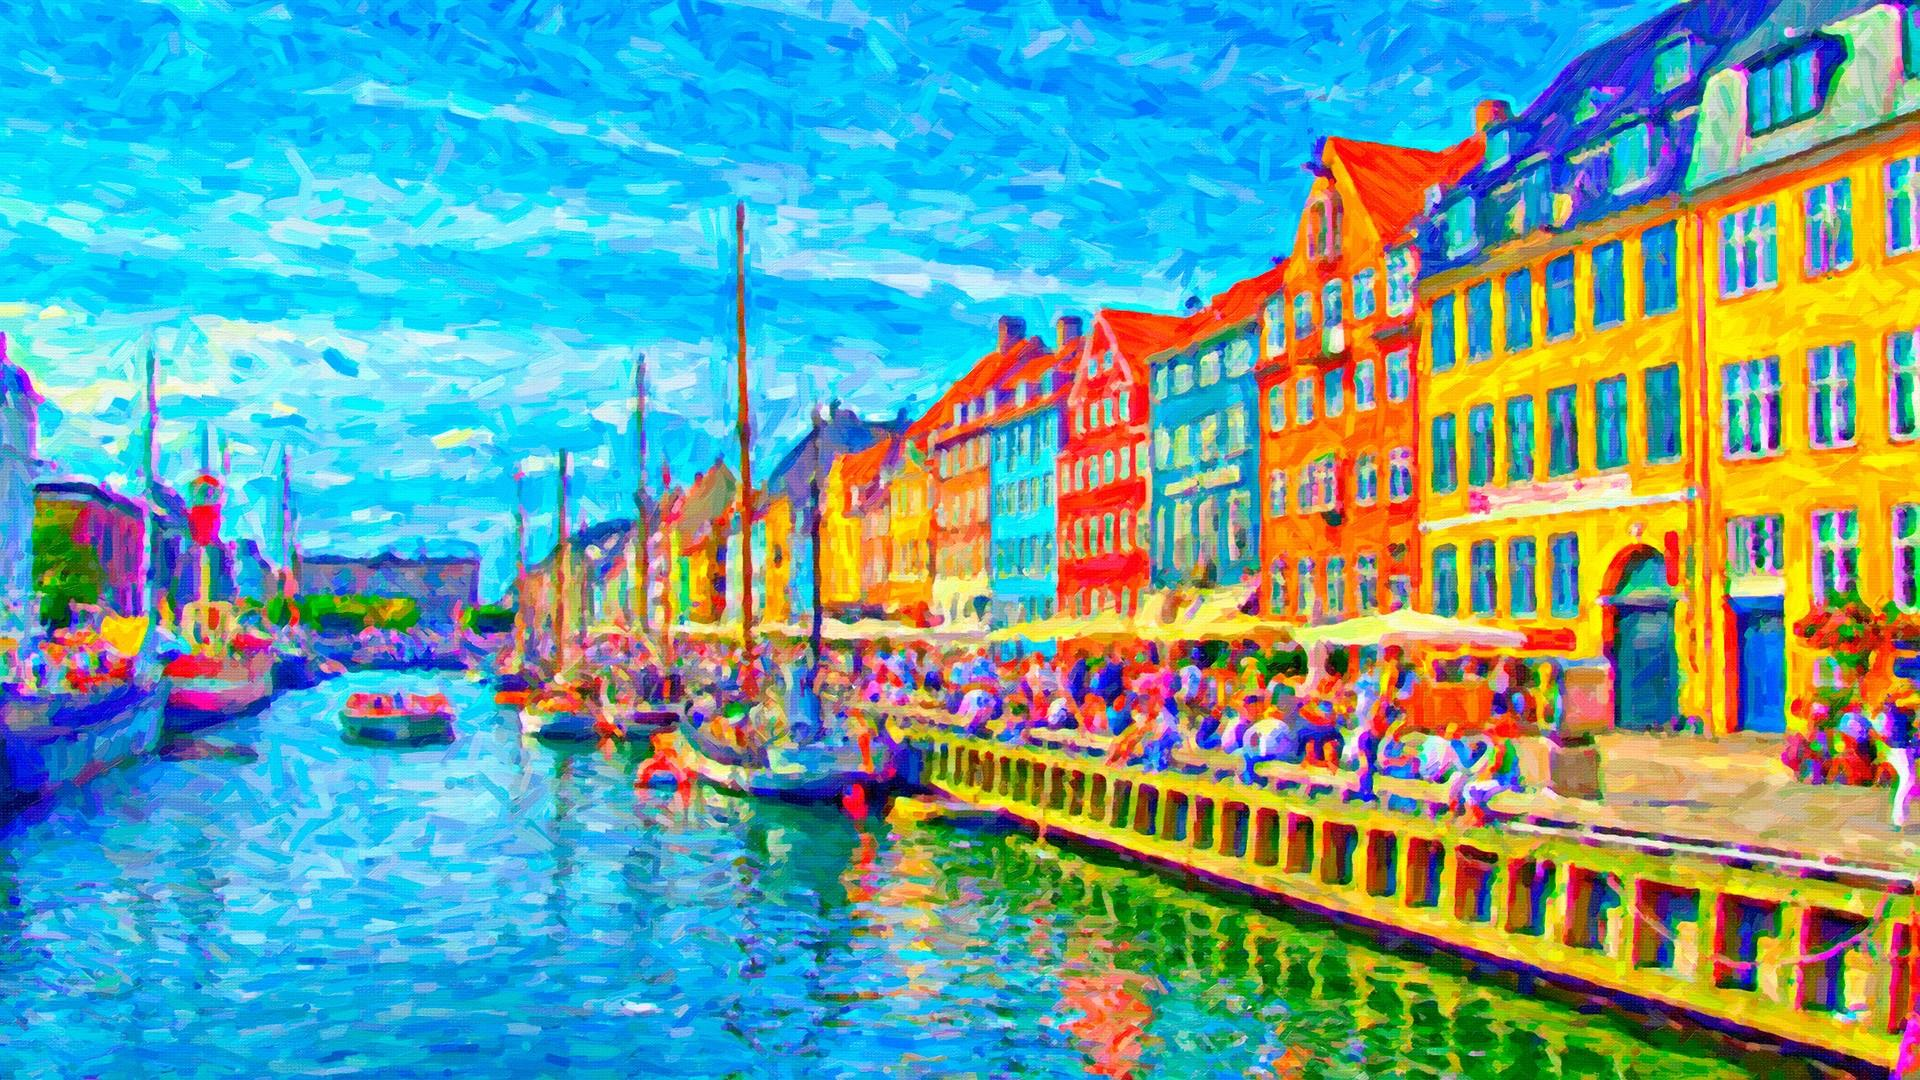 Canal painting nyhavn copenhagen denmark hd wallpaper backiee free ultra hd wallpaper - Copenhagen wallpaper ...